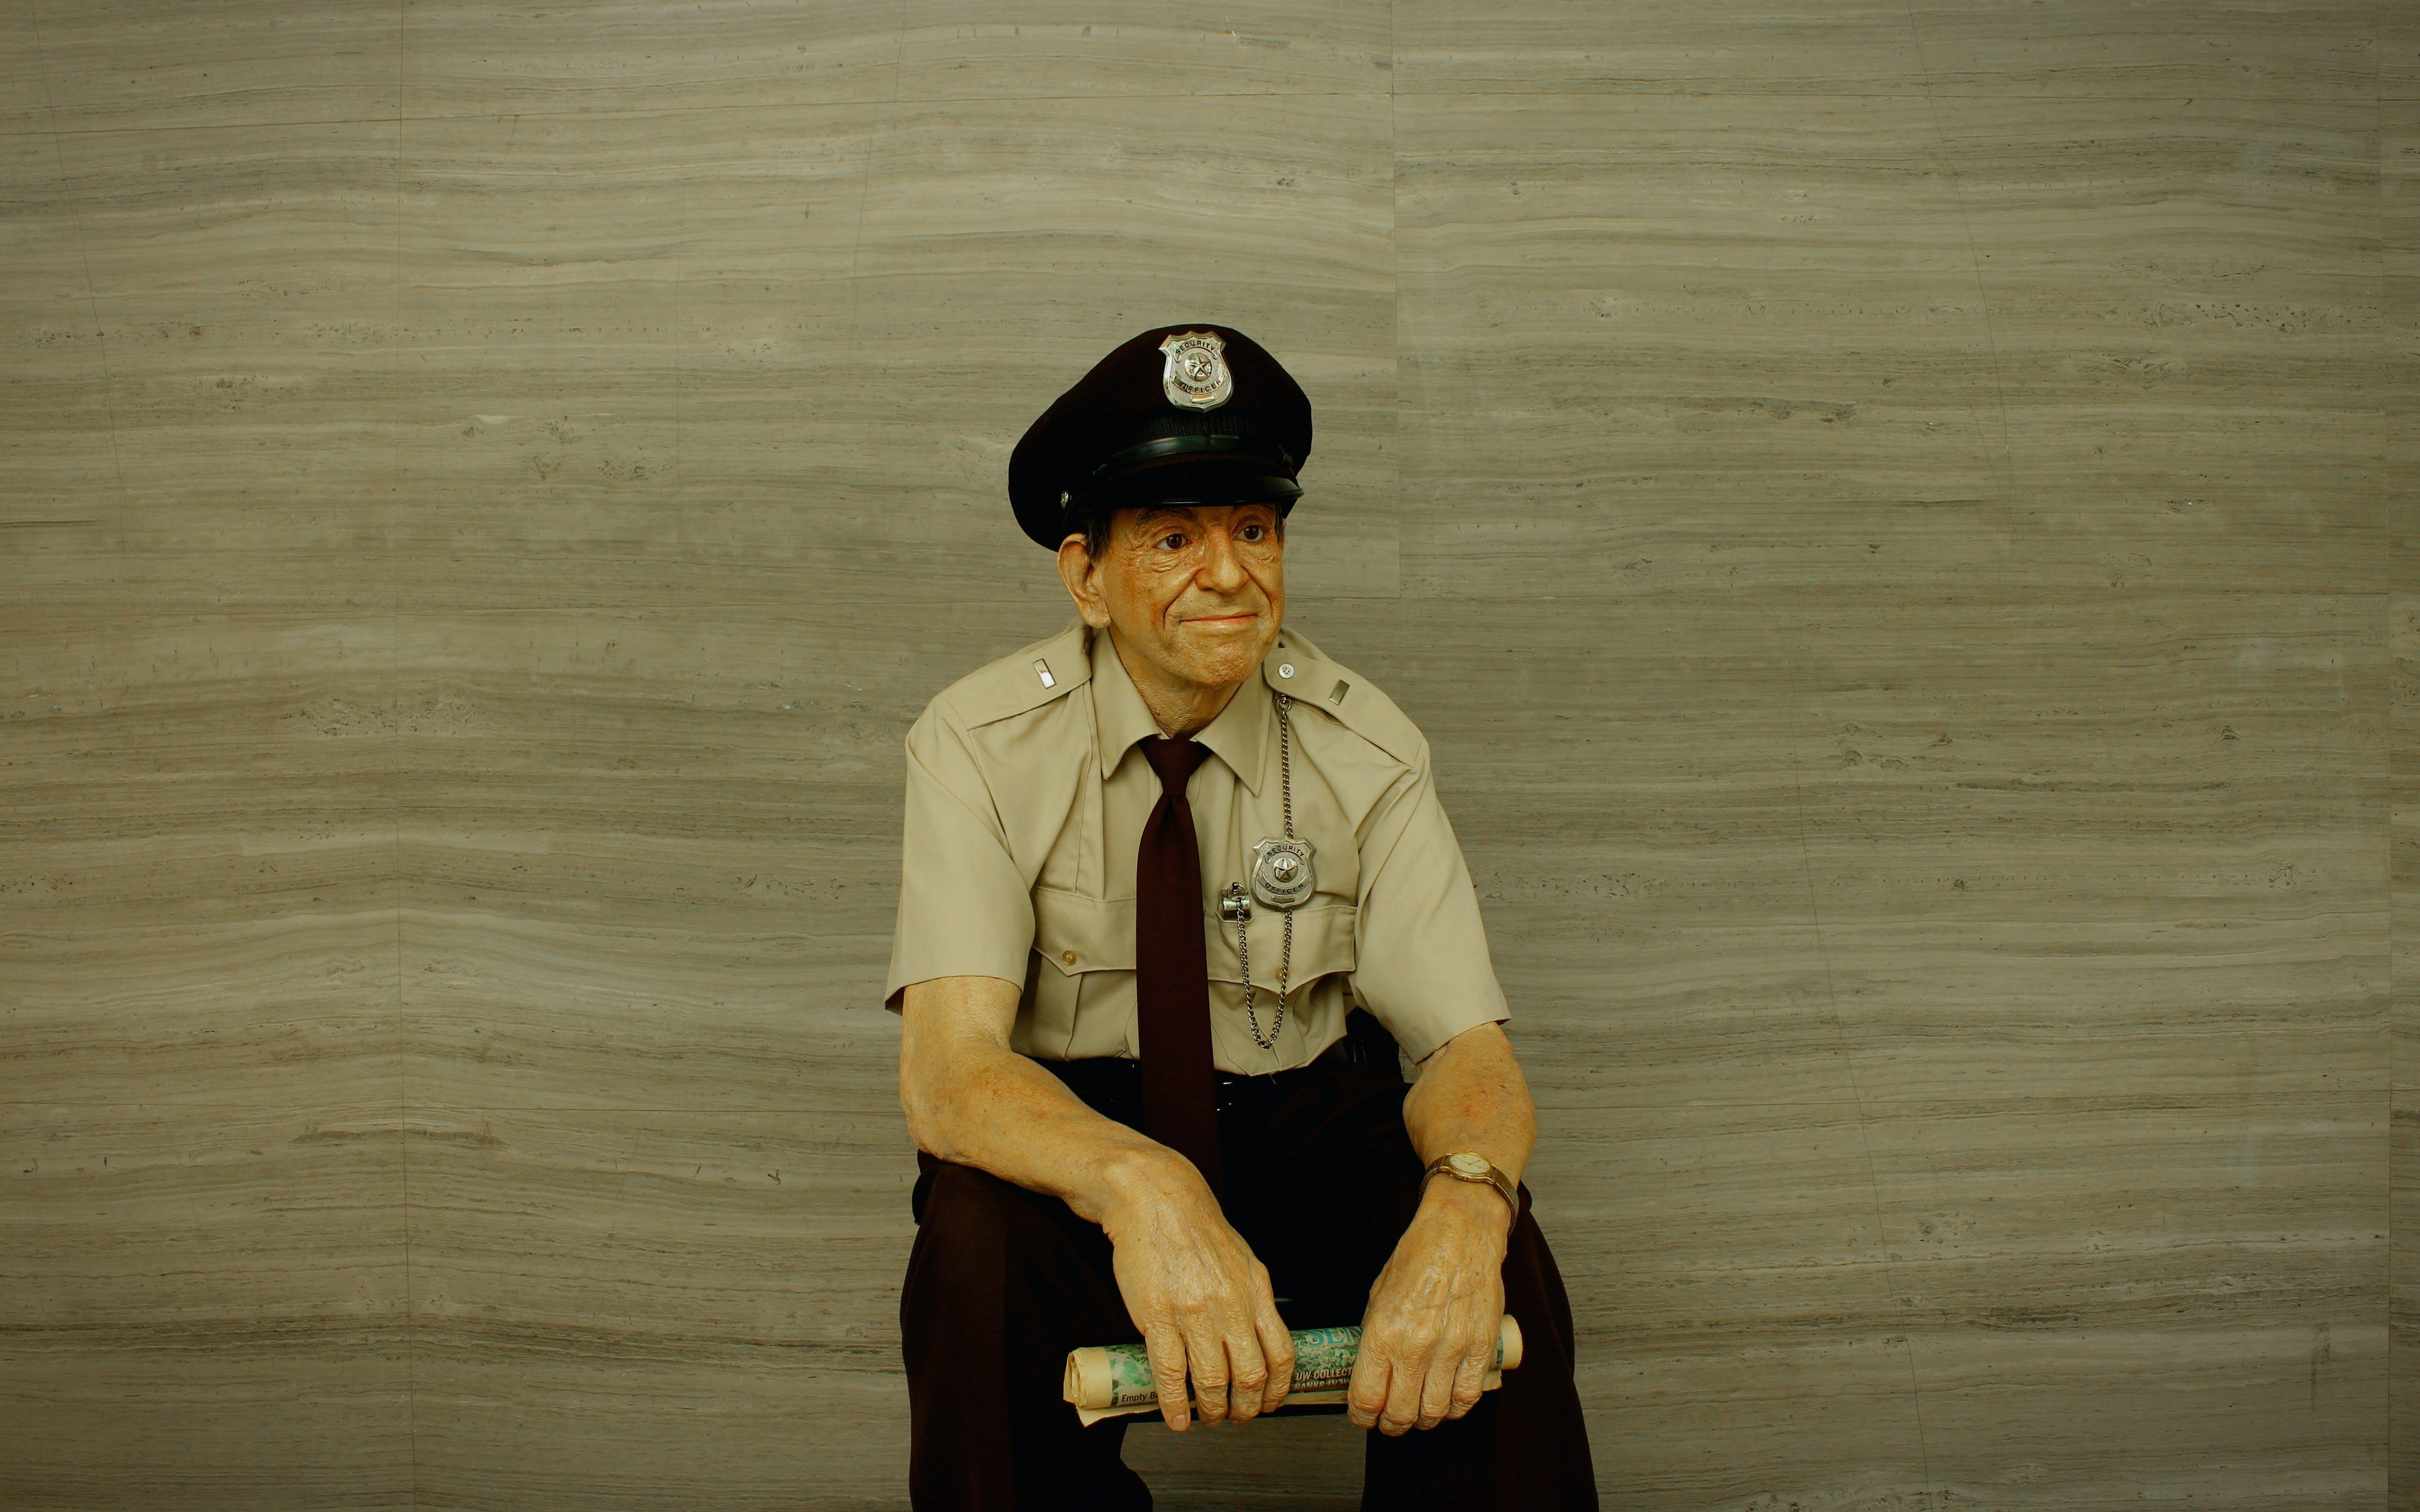 가드, 경찰, 동상, 왁스 동상의 무료 스톡 사진